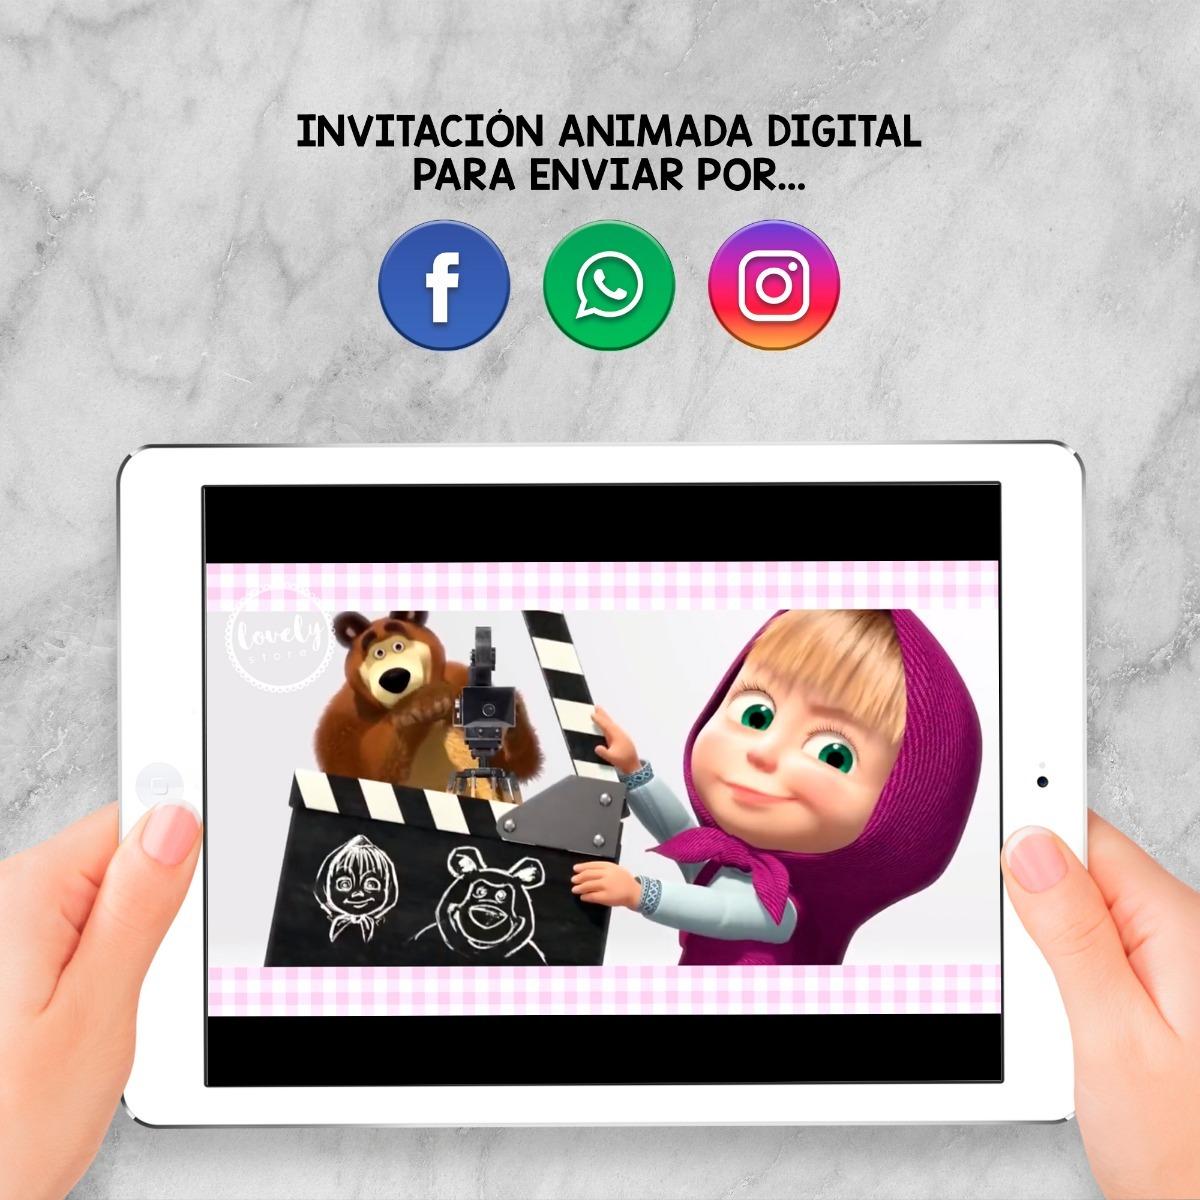 Invitación Animada Digital Cumpleaños Masha Y El Oso